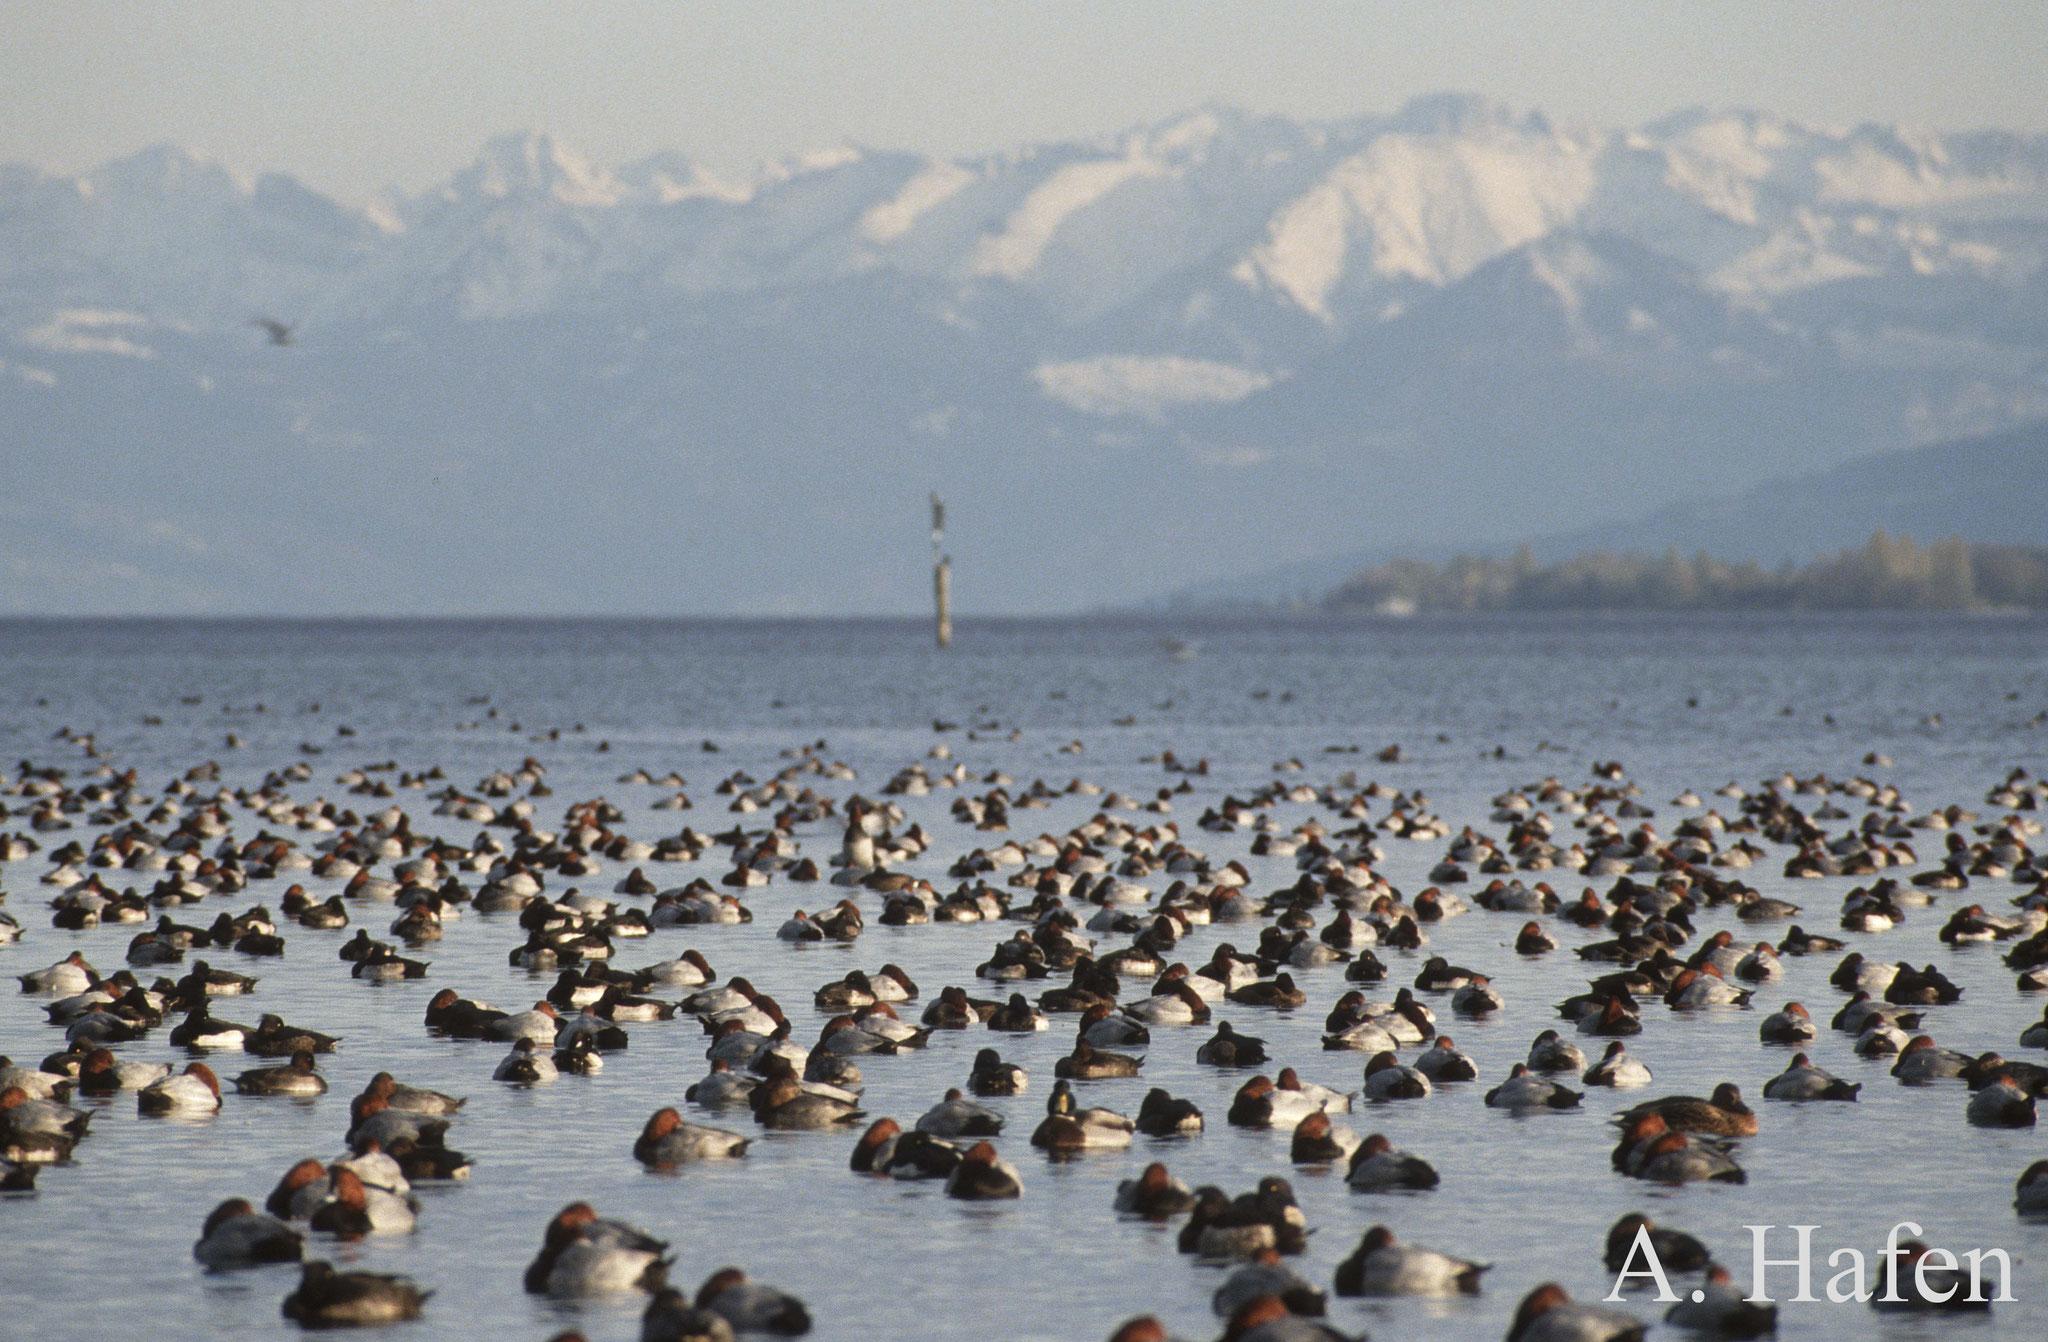 Gefiederte Wintergäste (Tafel- und Reiherenten) vor der Bergkulisse im Konstanzer Trichter - Foto: NABU/A. Hafen